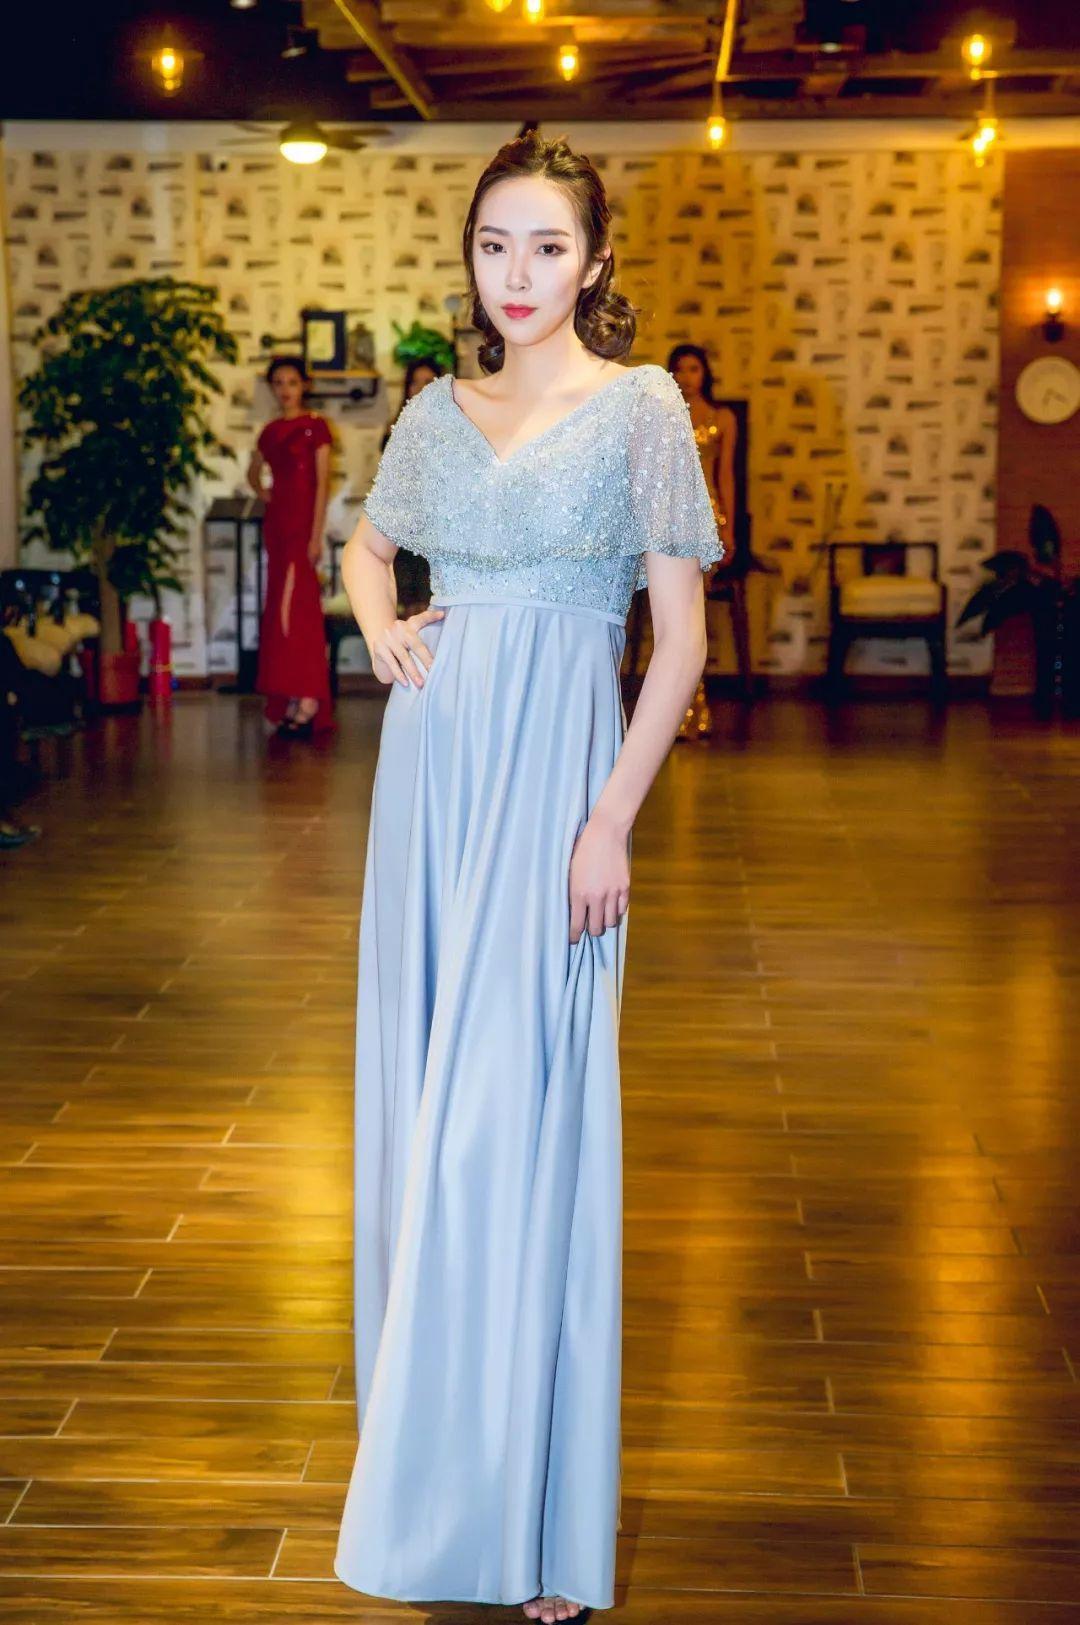 美女模特成长记-中国时尚界著名导演张华先生倾情执导